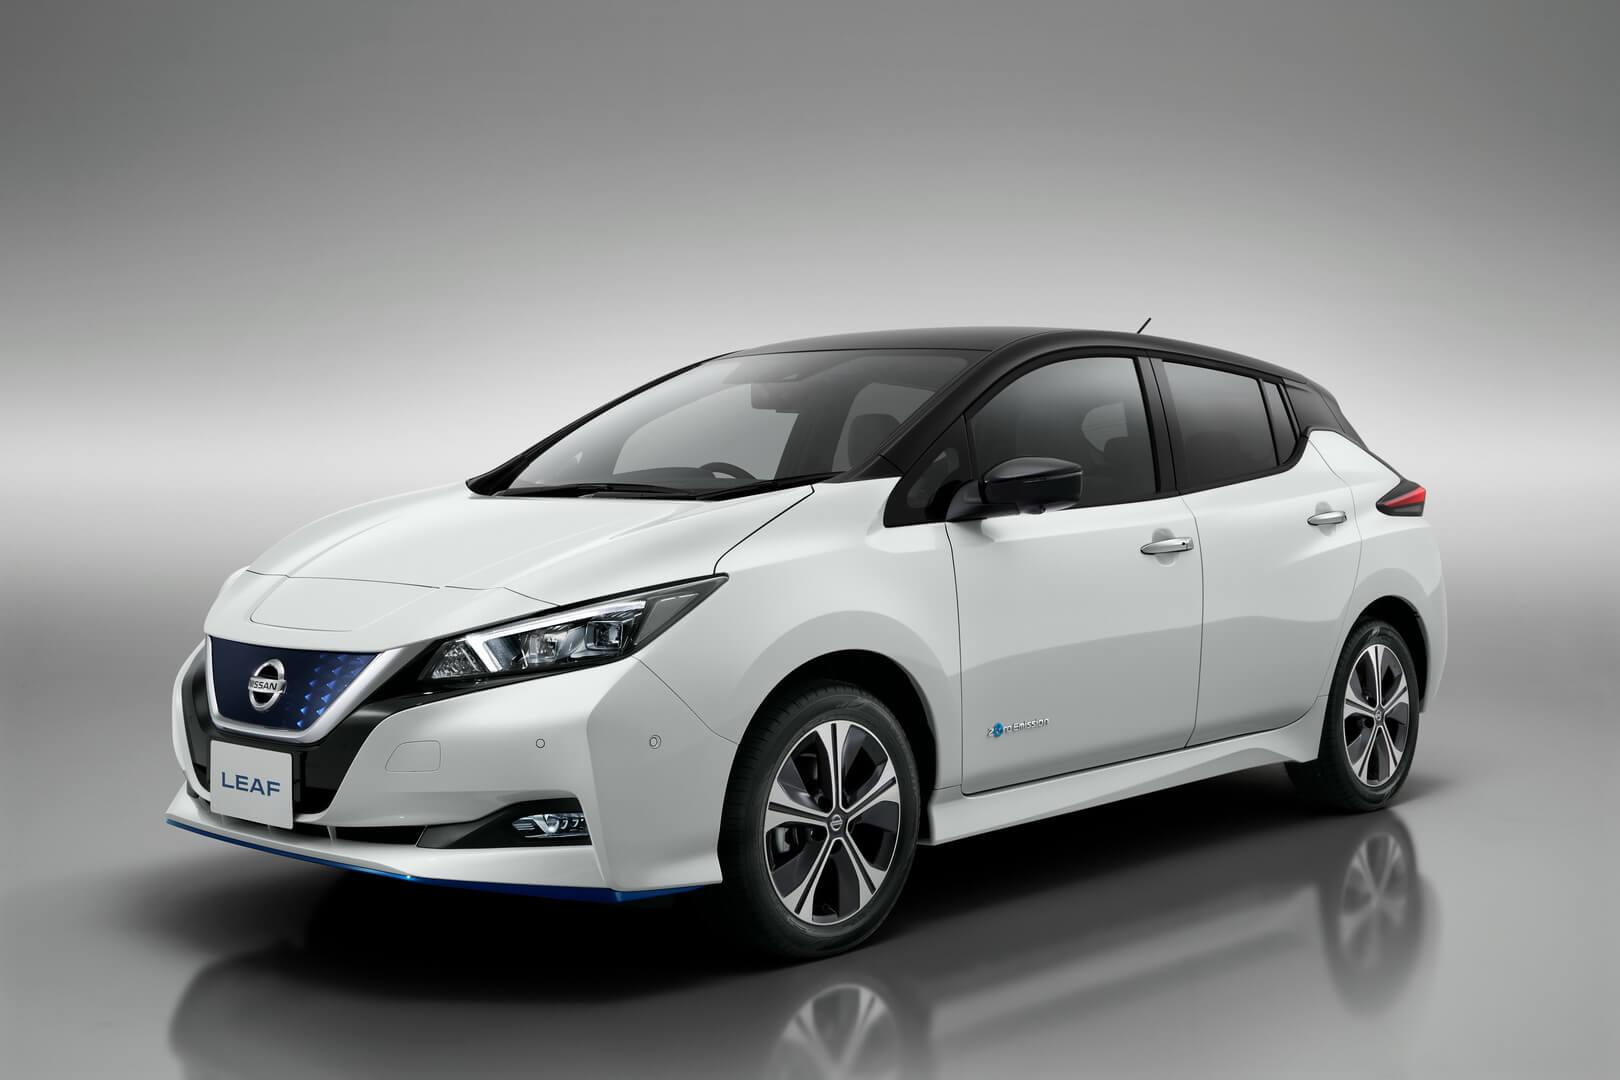 В Україні зростає попит на електромобілі: купують переважно автосеконд-хенд - електромобілі - 2019 nissan leaf e plus exterior hevcars 14